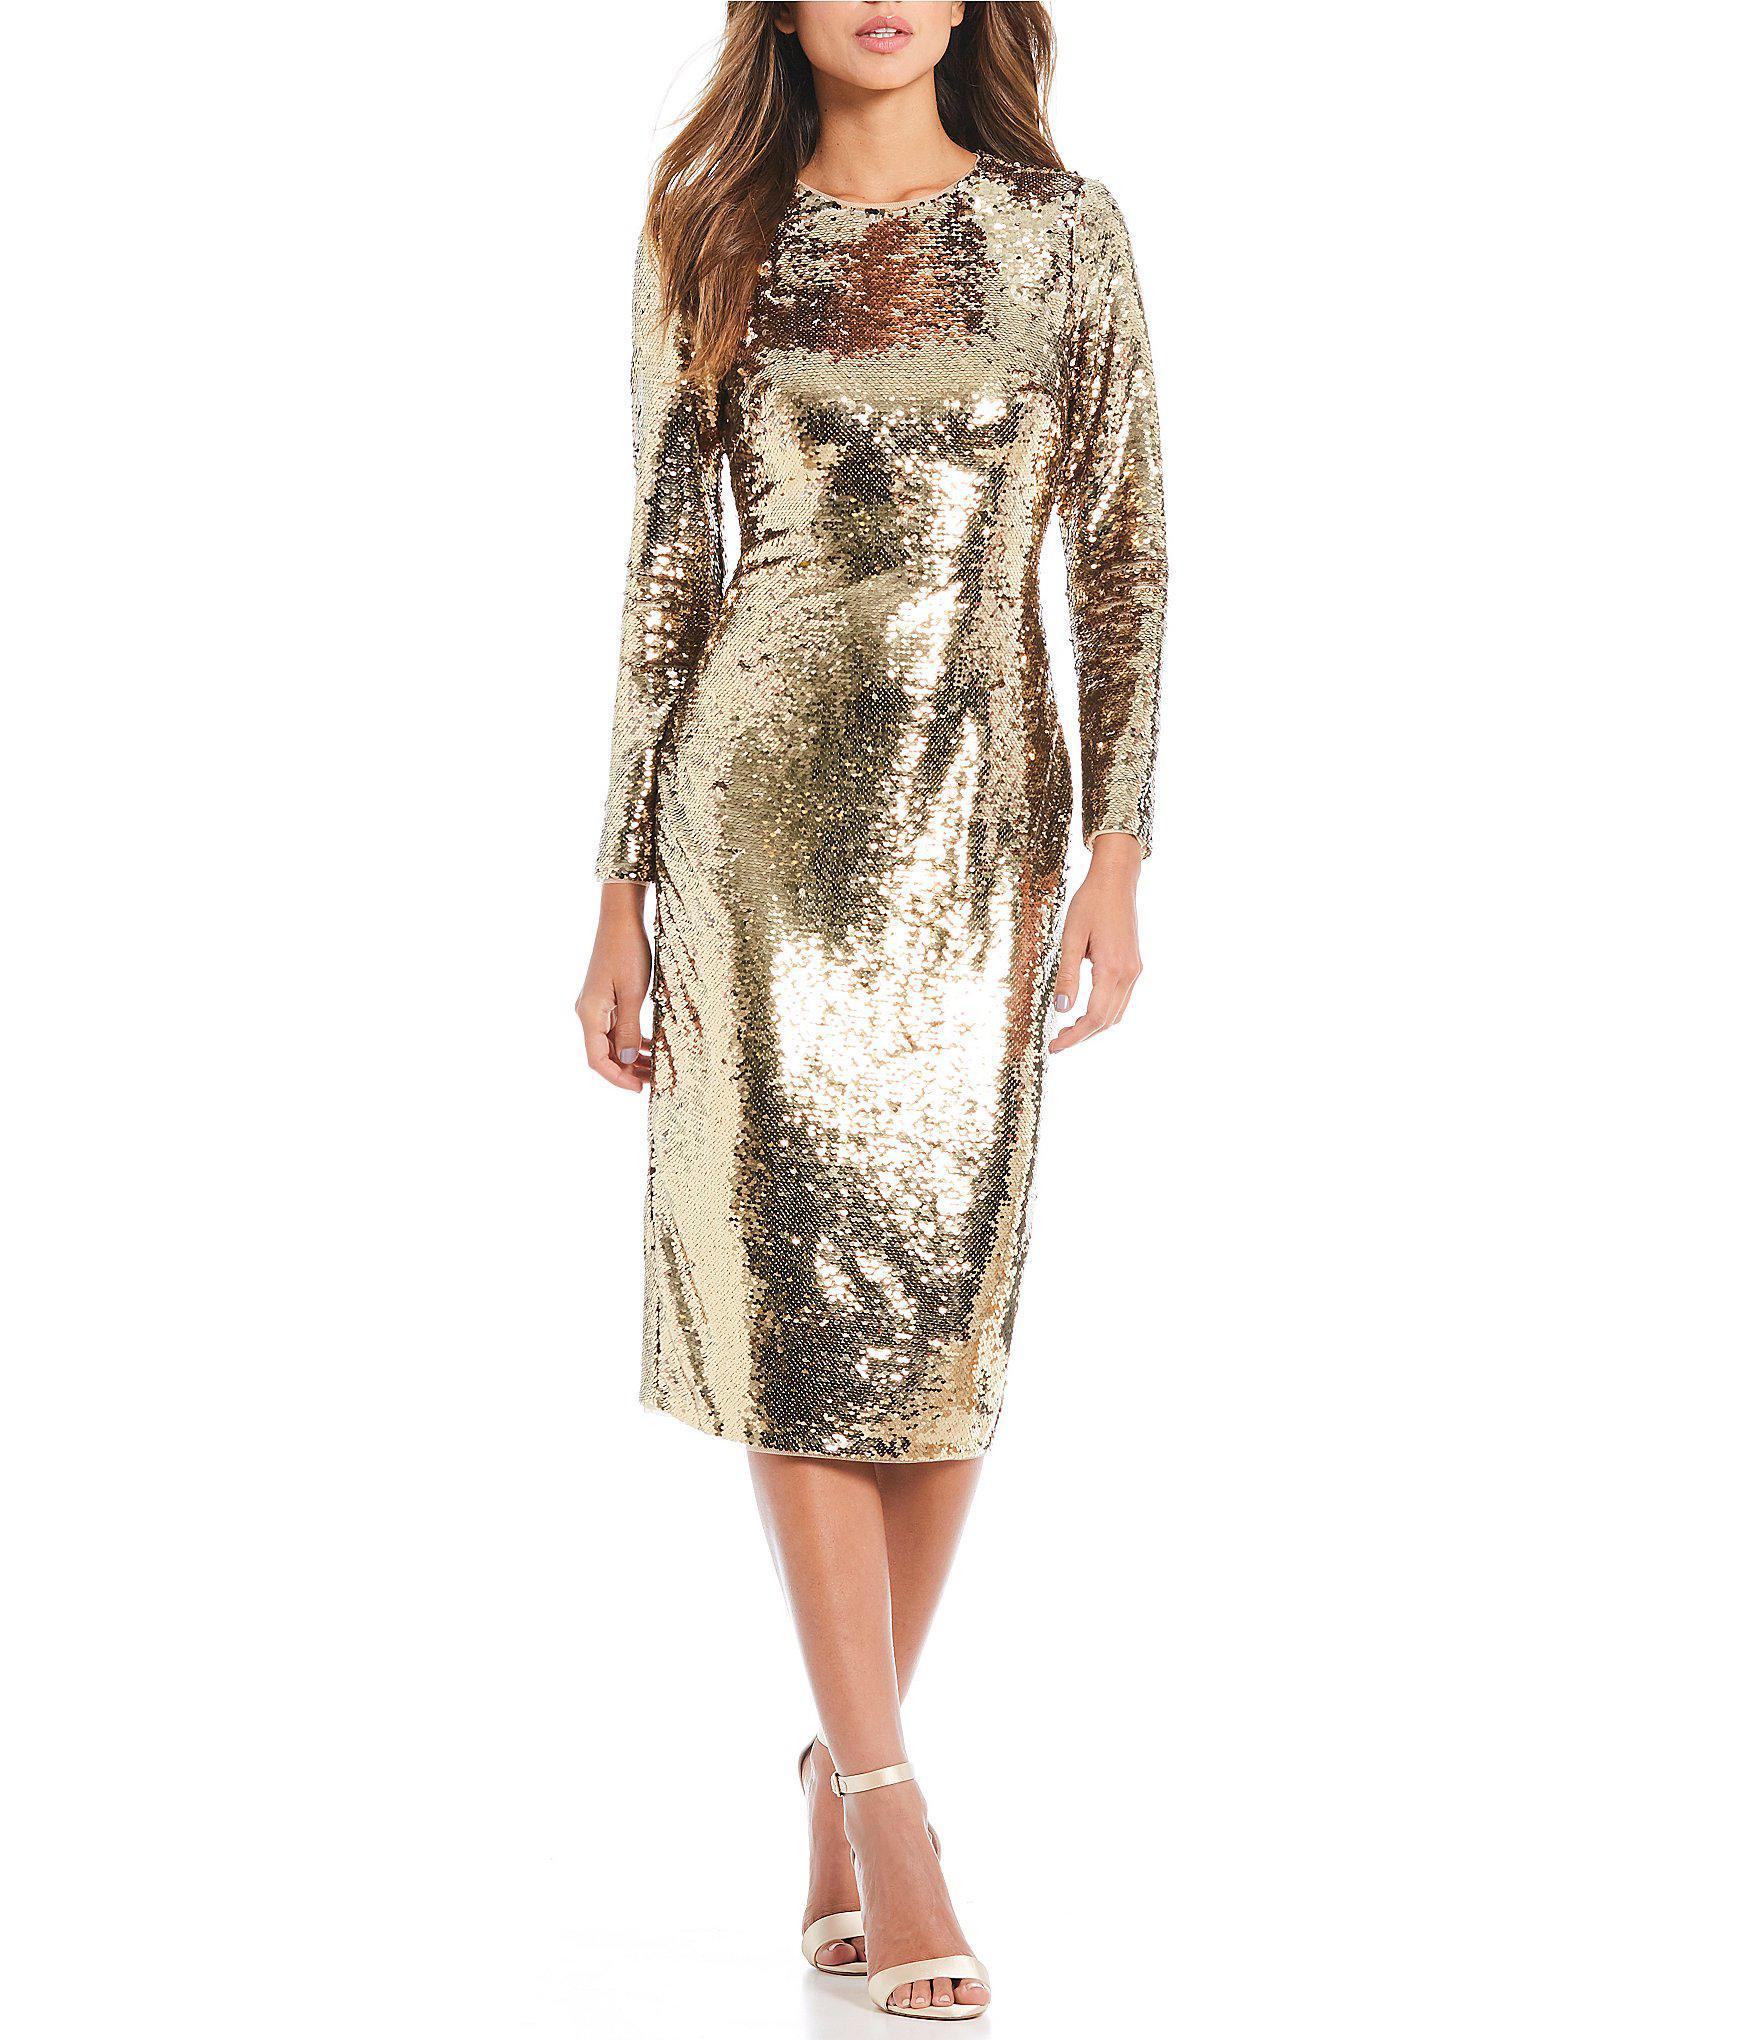 0ff69018a2 Gianni Bini Zoe Metallic Sequin Midi Dress in Metallic - Lyst